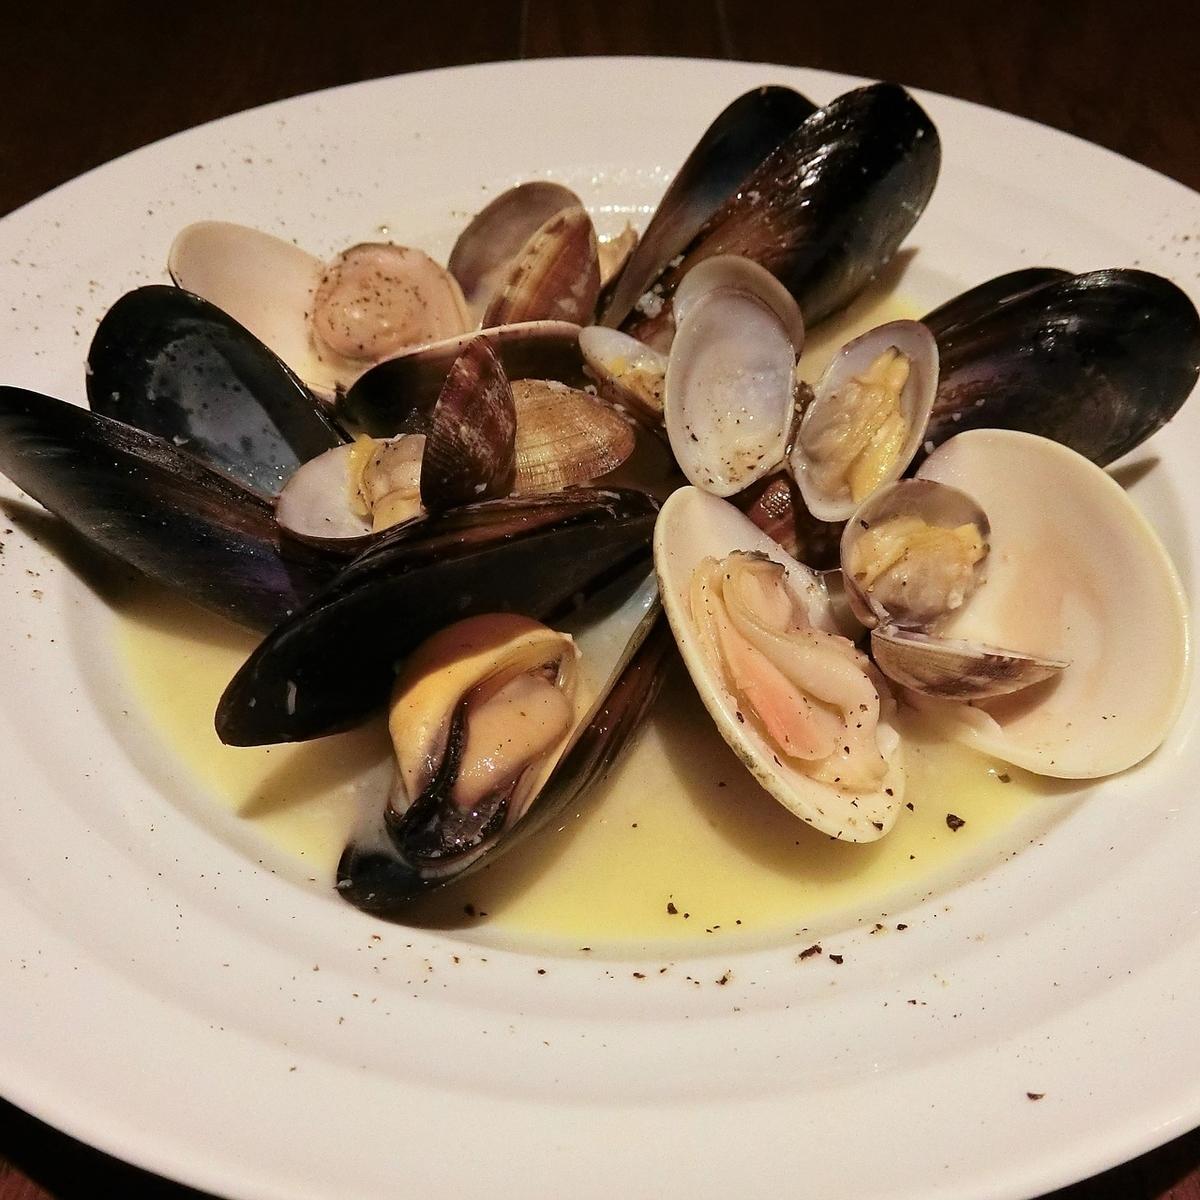 旬の貝類、白ワイン蒸し~黒コショウとバター風味~